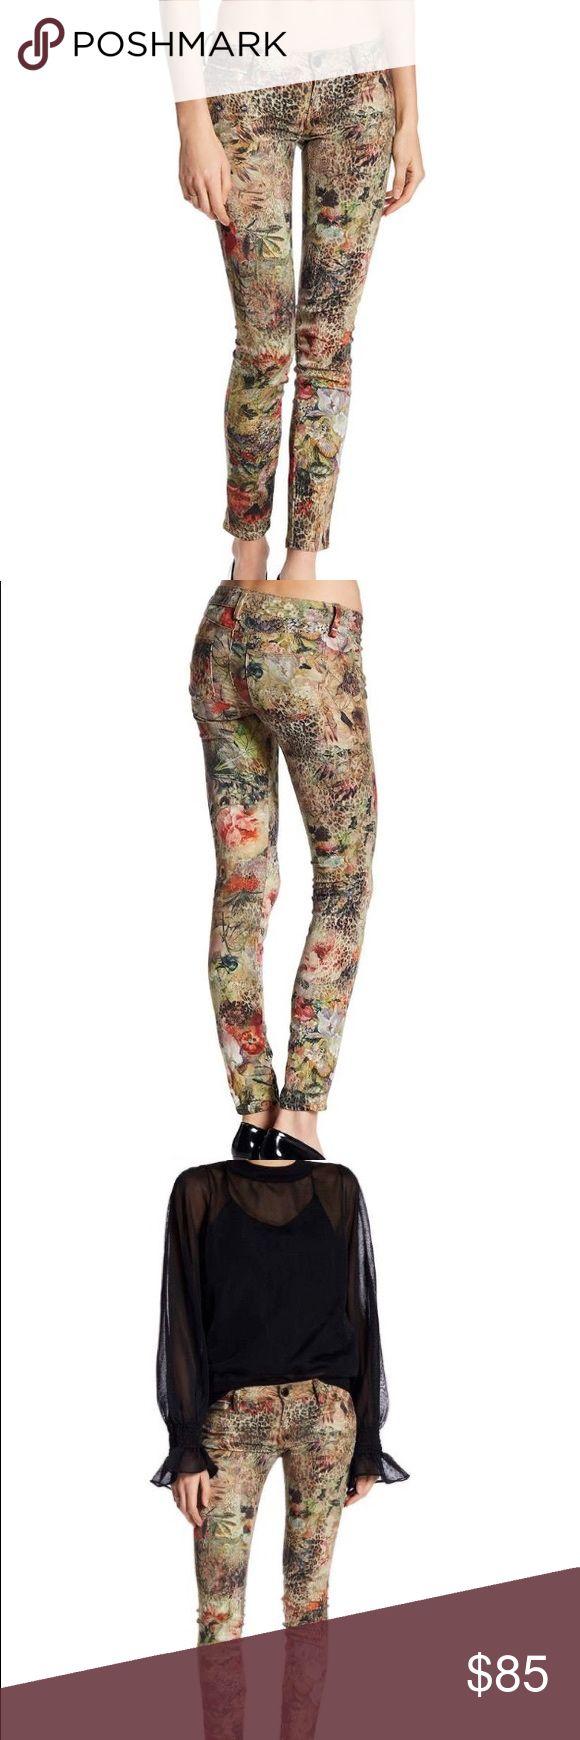 Etienne Marcel – Printed Skinny Jeans Floral / 25 Brand: Etienne Marcel  Printed Skinny Jeans Floral / 25 Etienne Marcel Jeans Skinny